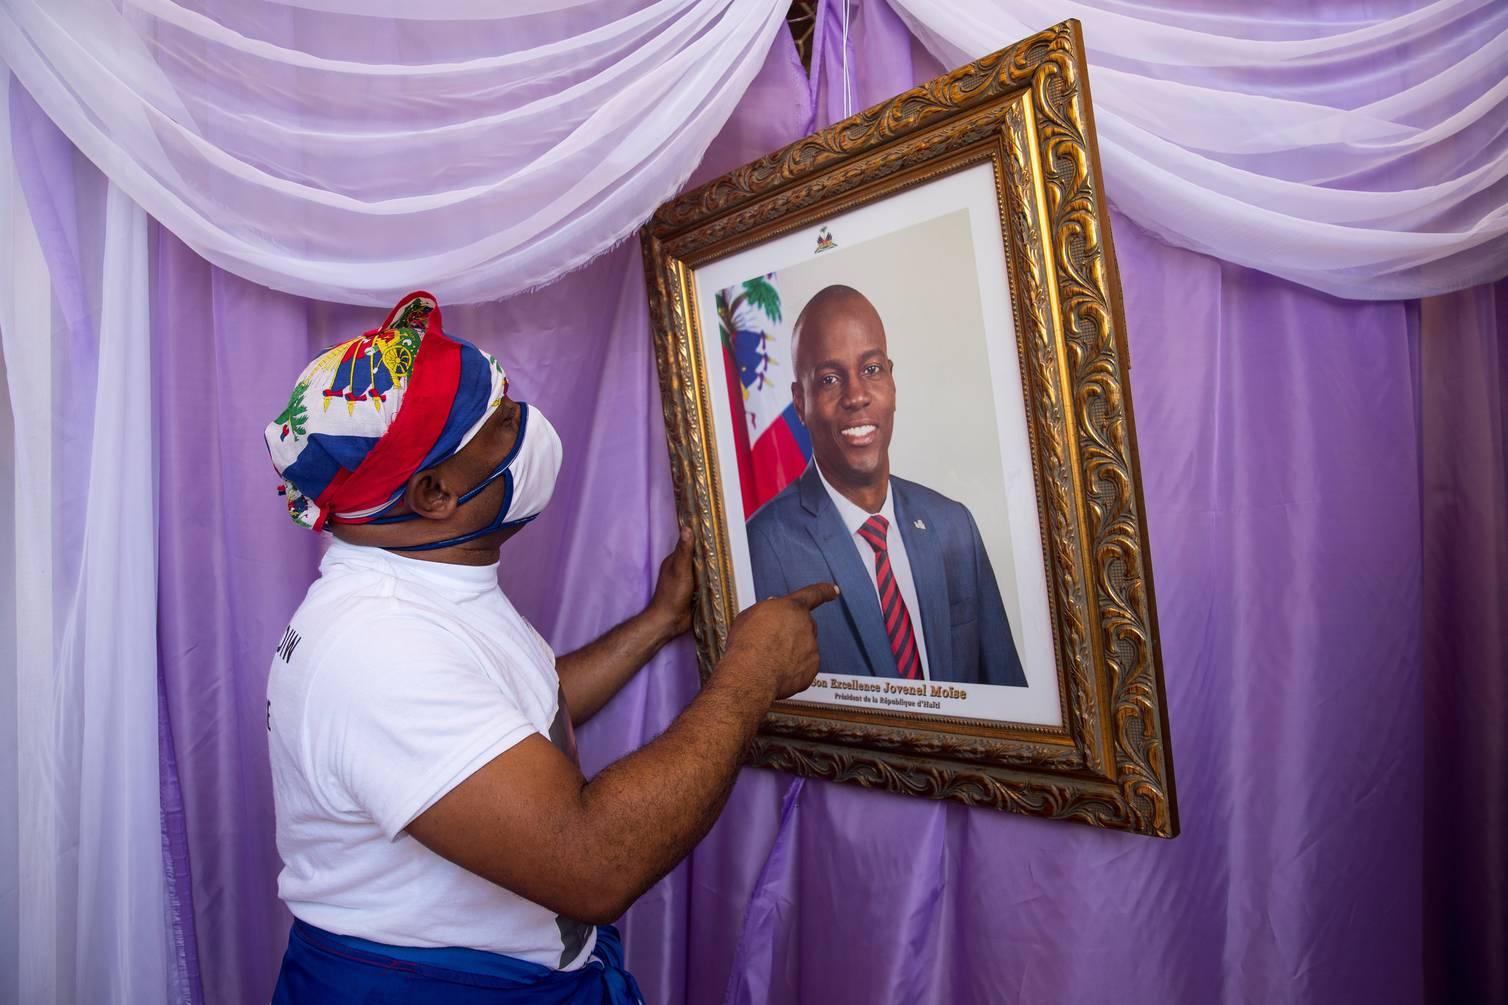 EE. UU. y Colombia enviarán misiones diplomáticas a Haití, que prepara el funeral del presidente Jovenel Moïse